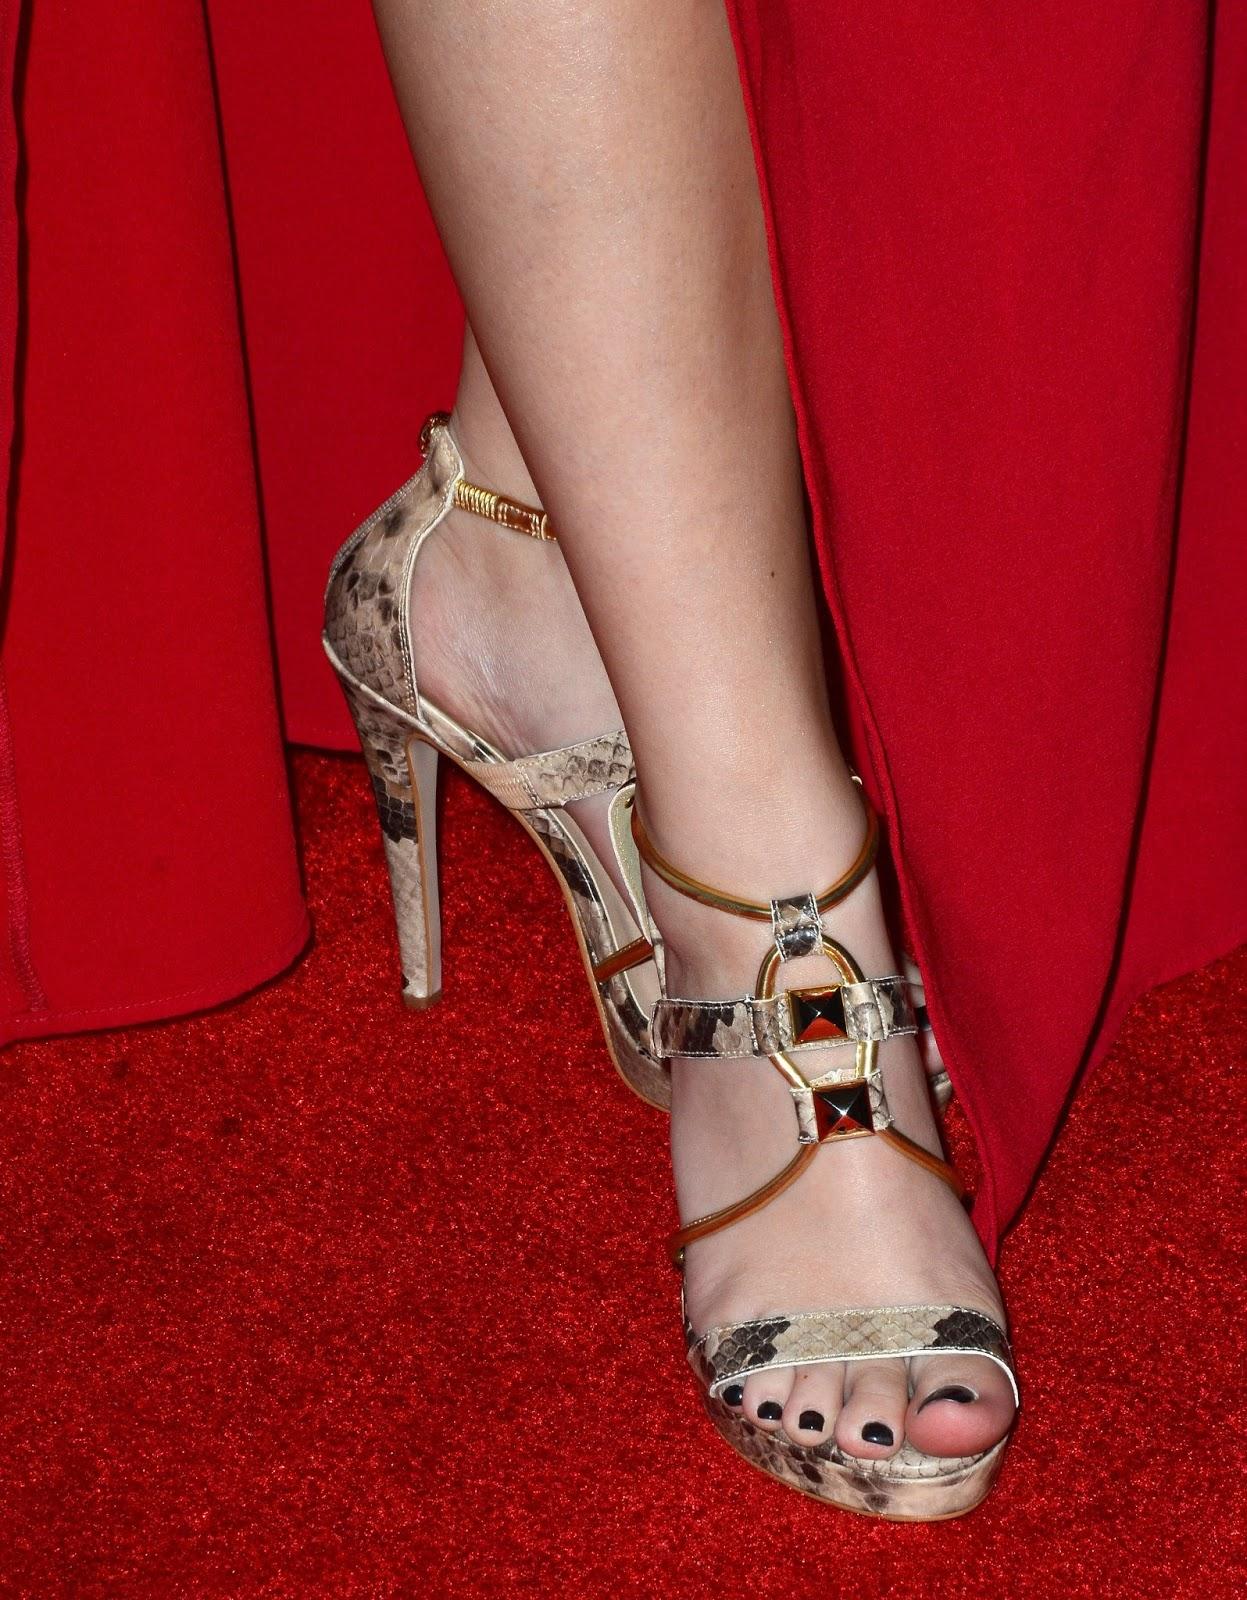 Feet Carly Taylor nude photos 2019